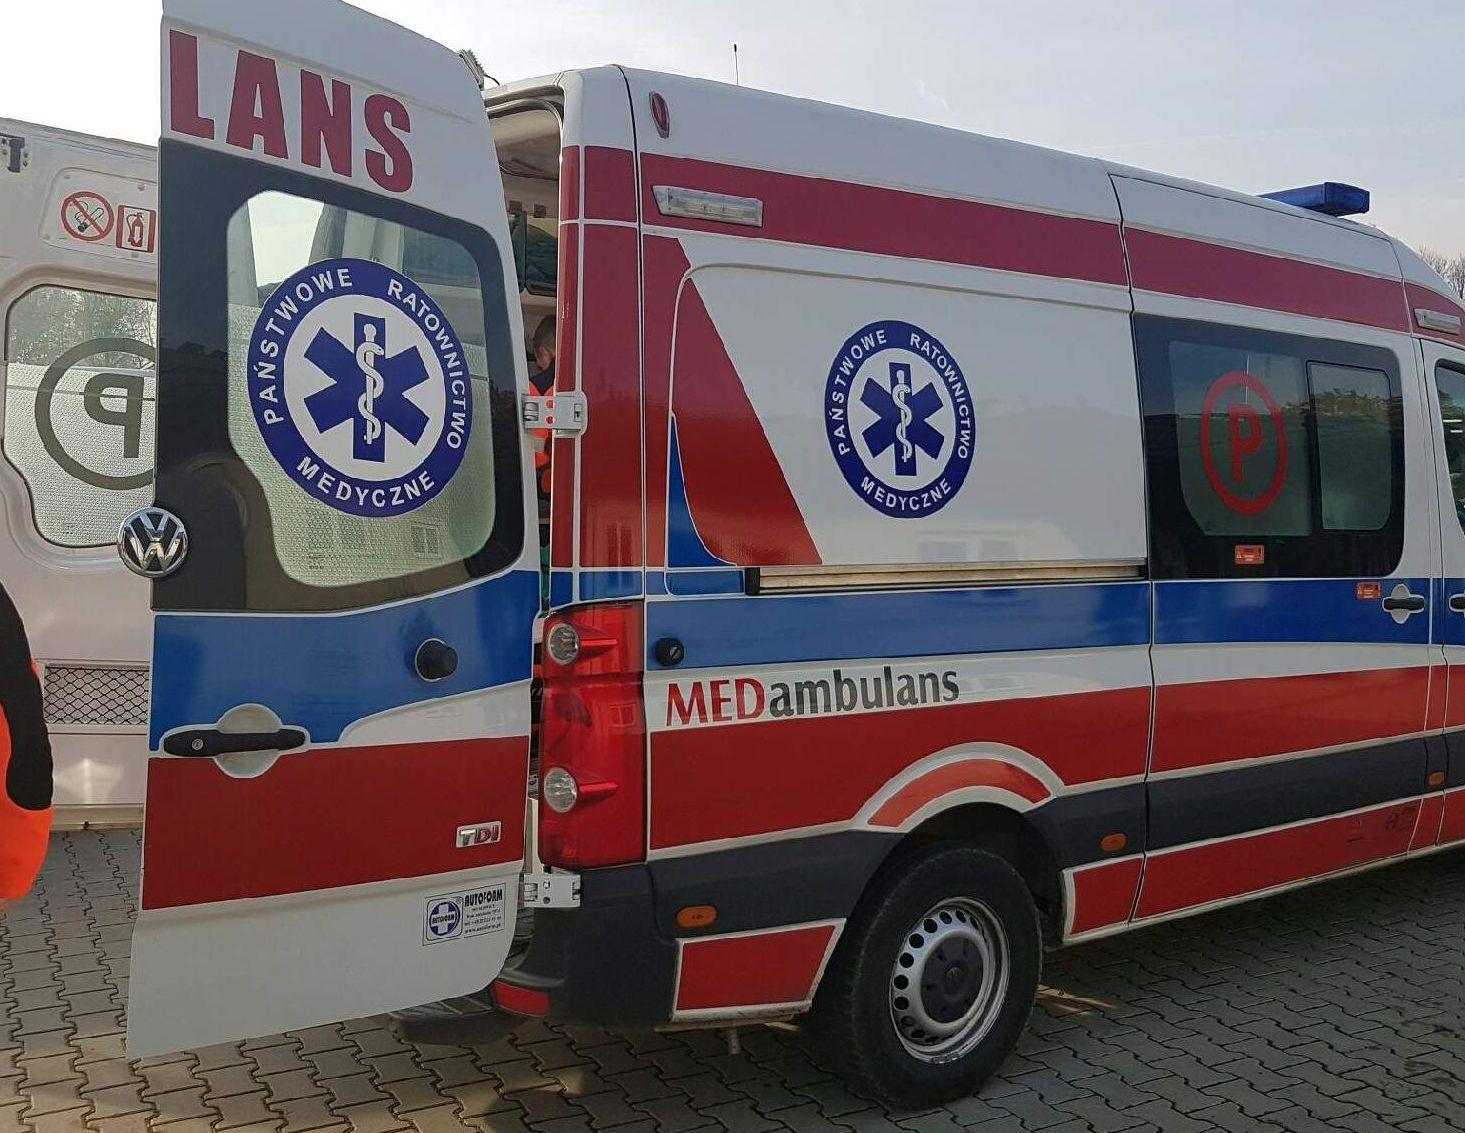 Dwie nieprzytomne osoby trafiły do szpitala. Co tam się wydarzyło? [AKTUALIZACJA]